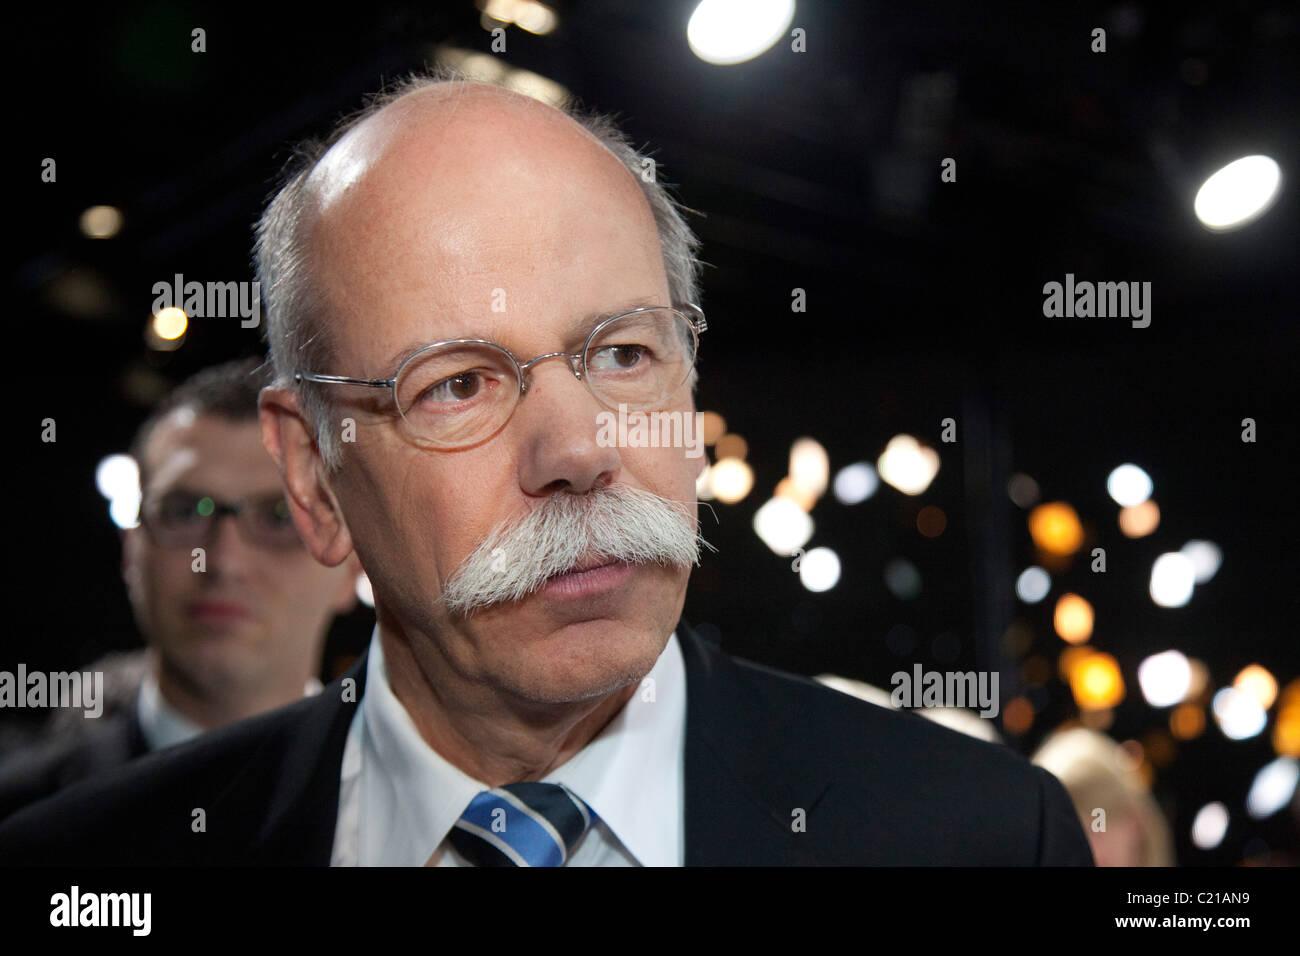 Dr. Dieter Zetsche, chairman of Daimler AG - Stock Image